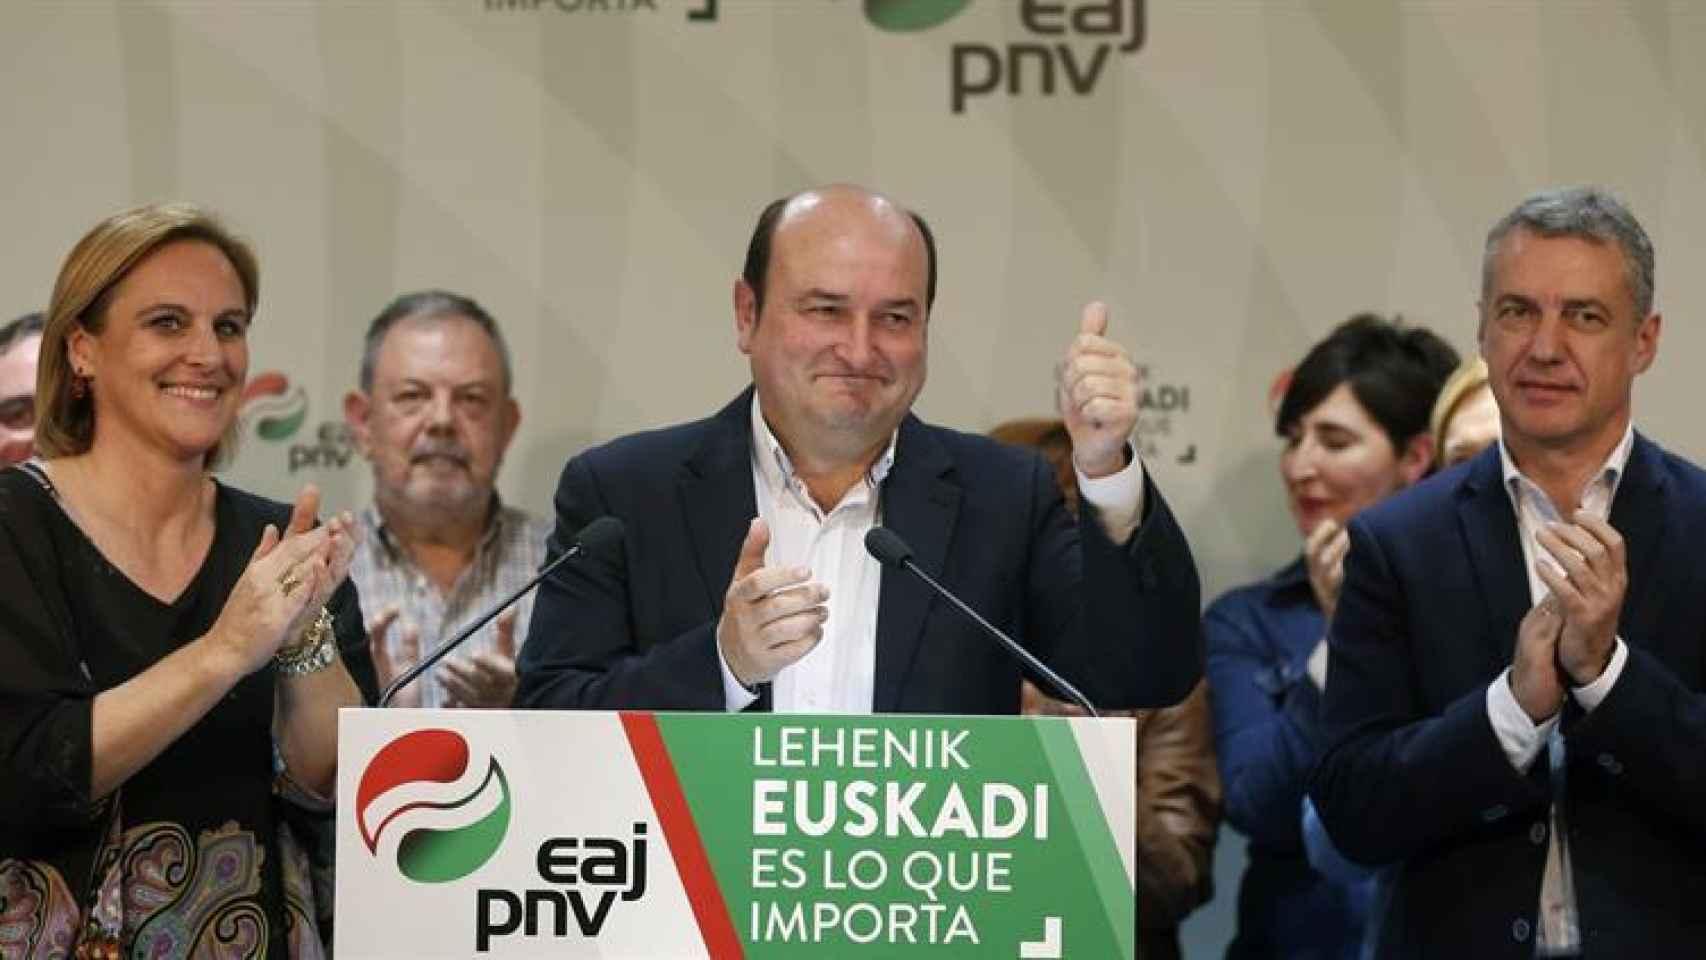 El presidente del PNV, Andoni Ortuzar, celebra los resultados